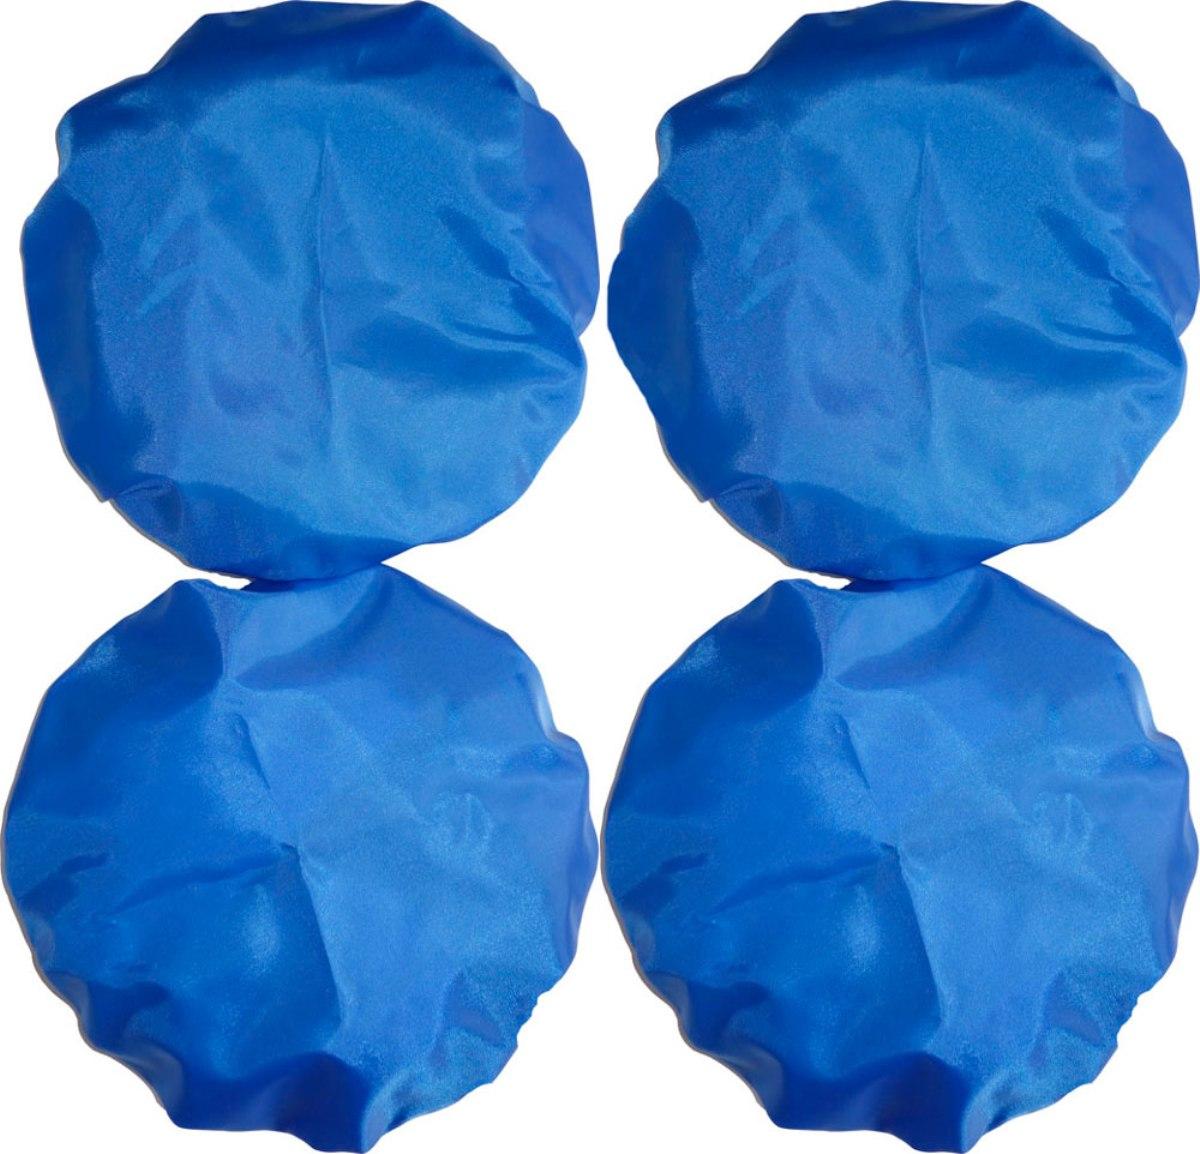 аксессуары для колясок папитто чехлы на колеса коляски 1169 4 шт Чудо-Чадо Чехлы на колеса для коляски диаметр 28-38 см цвет синий 4 шт